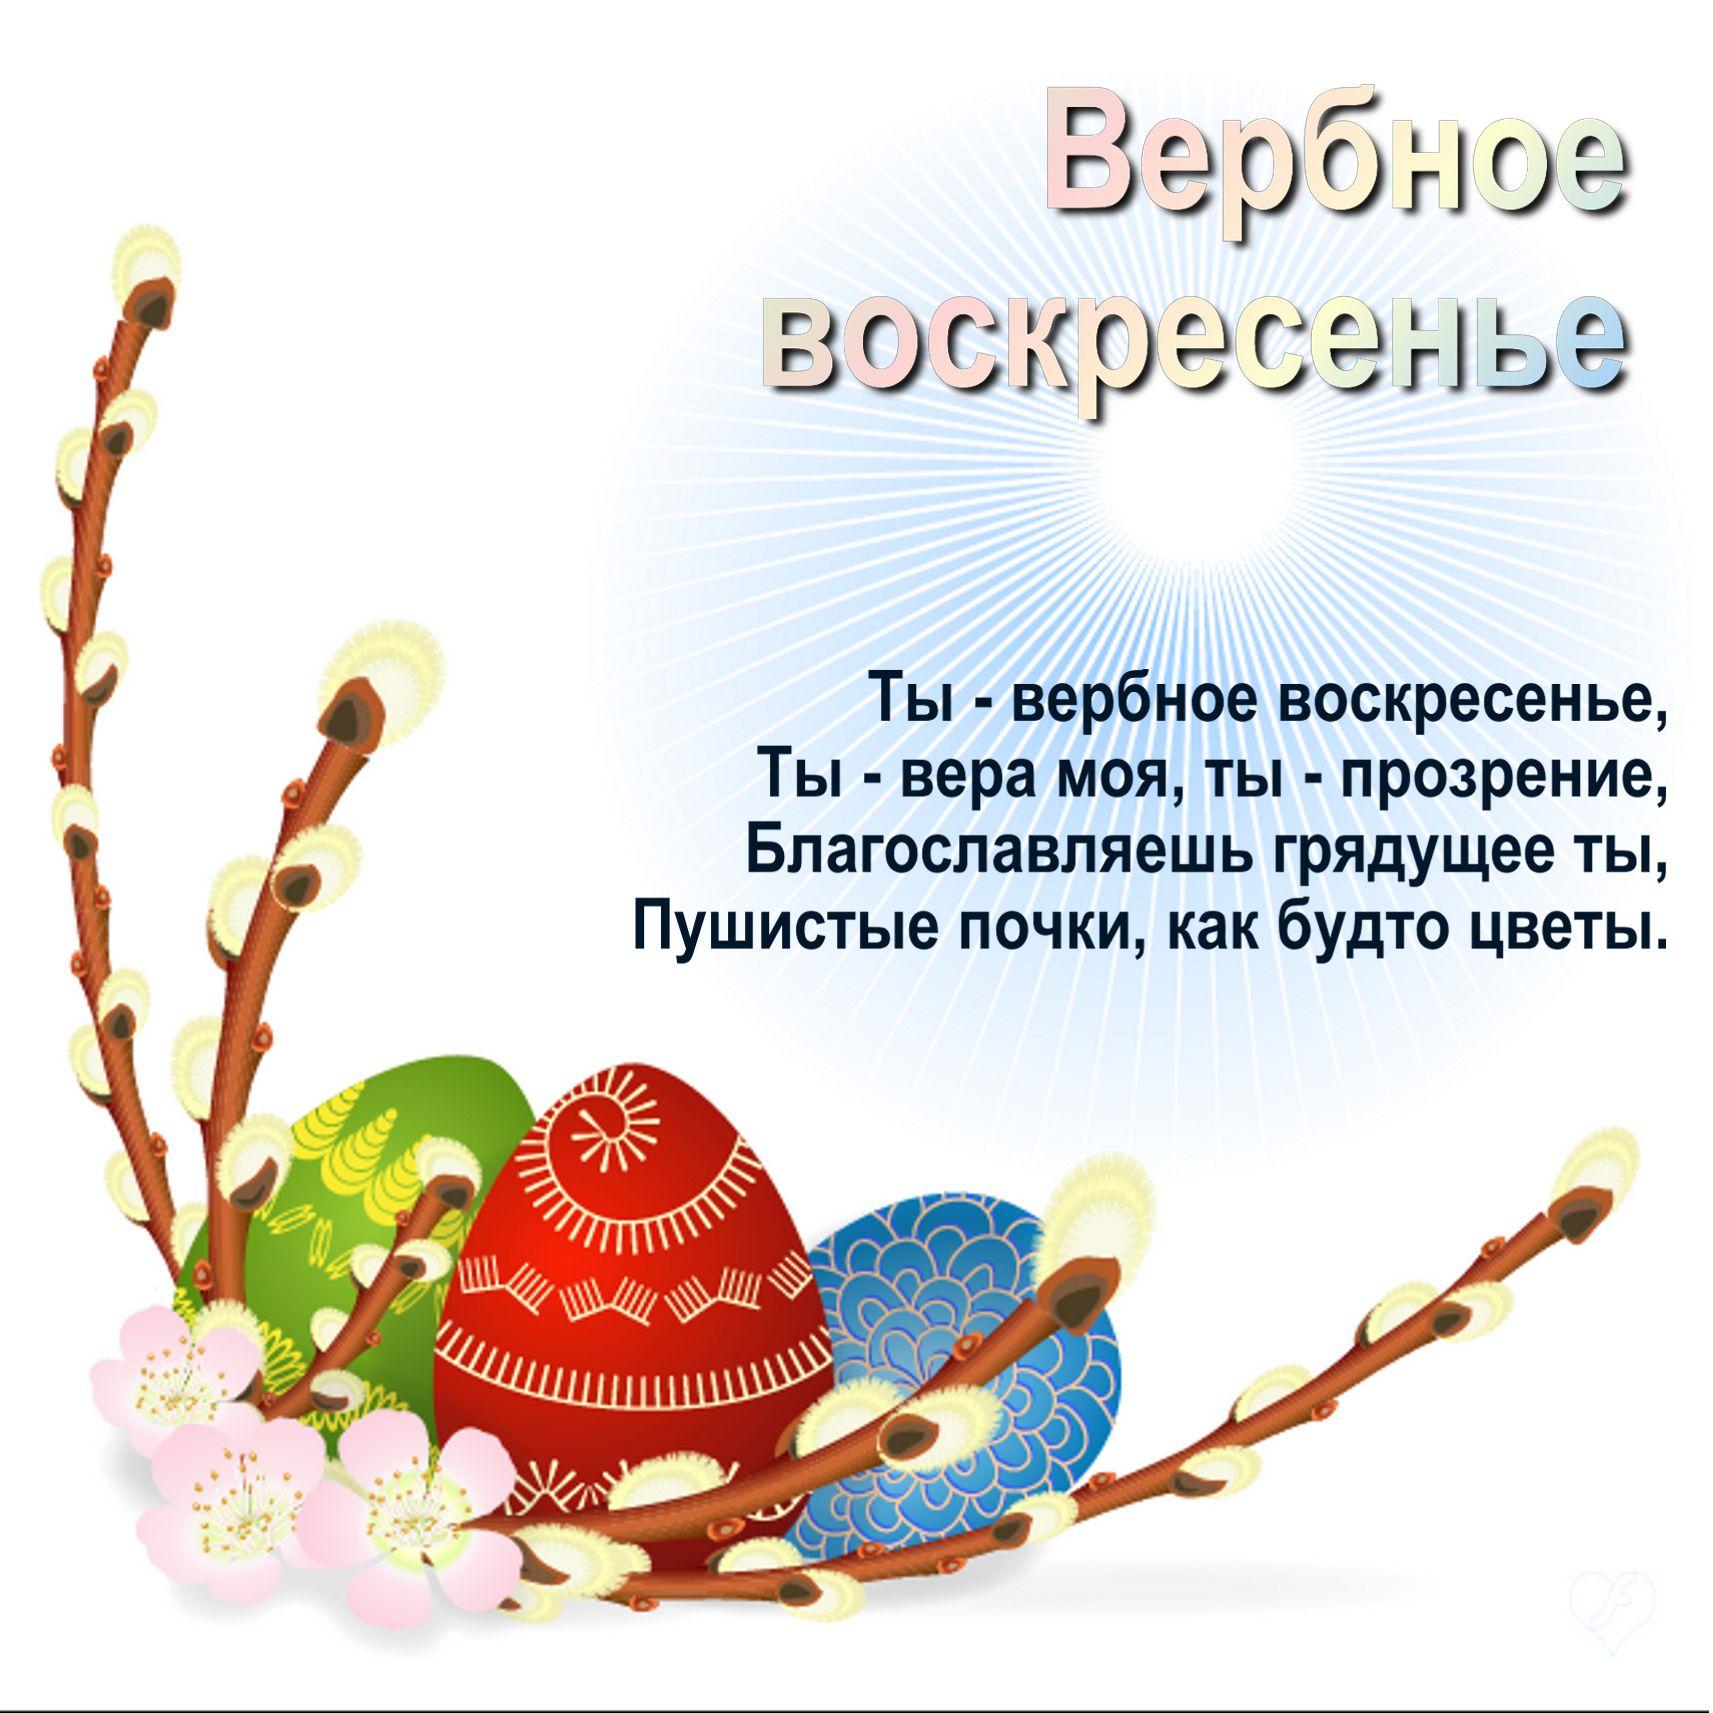 Открытка Вербное Воскресение!